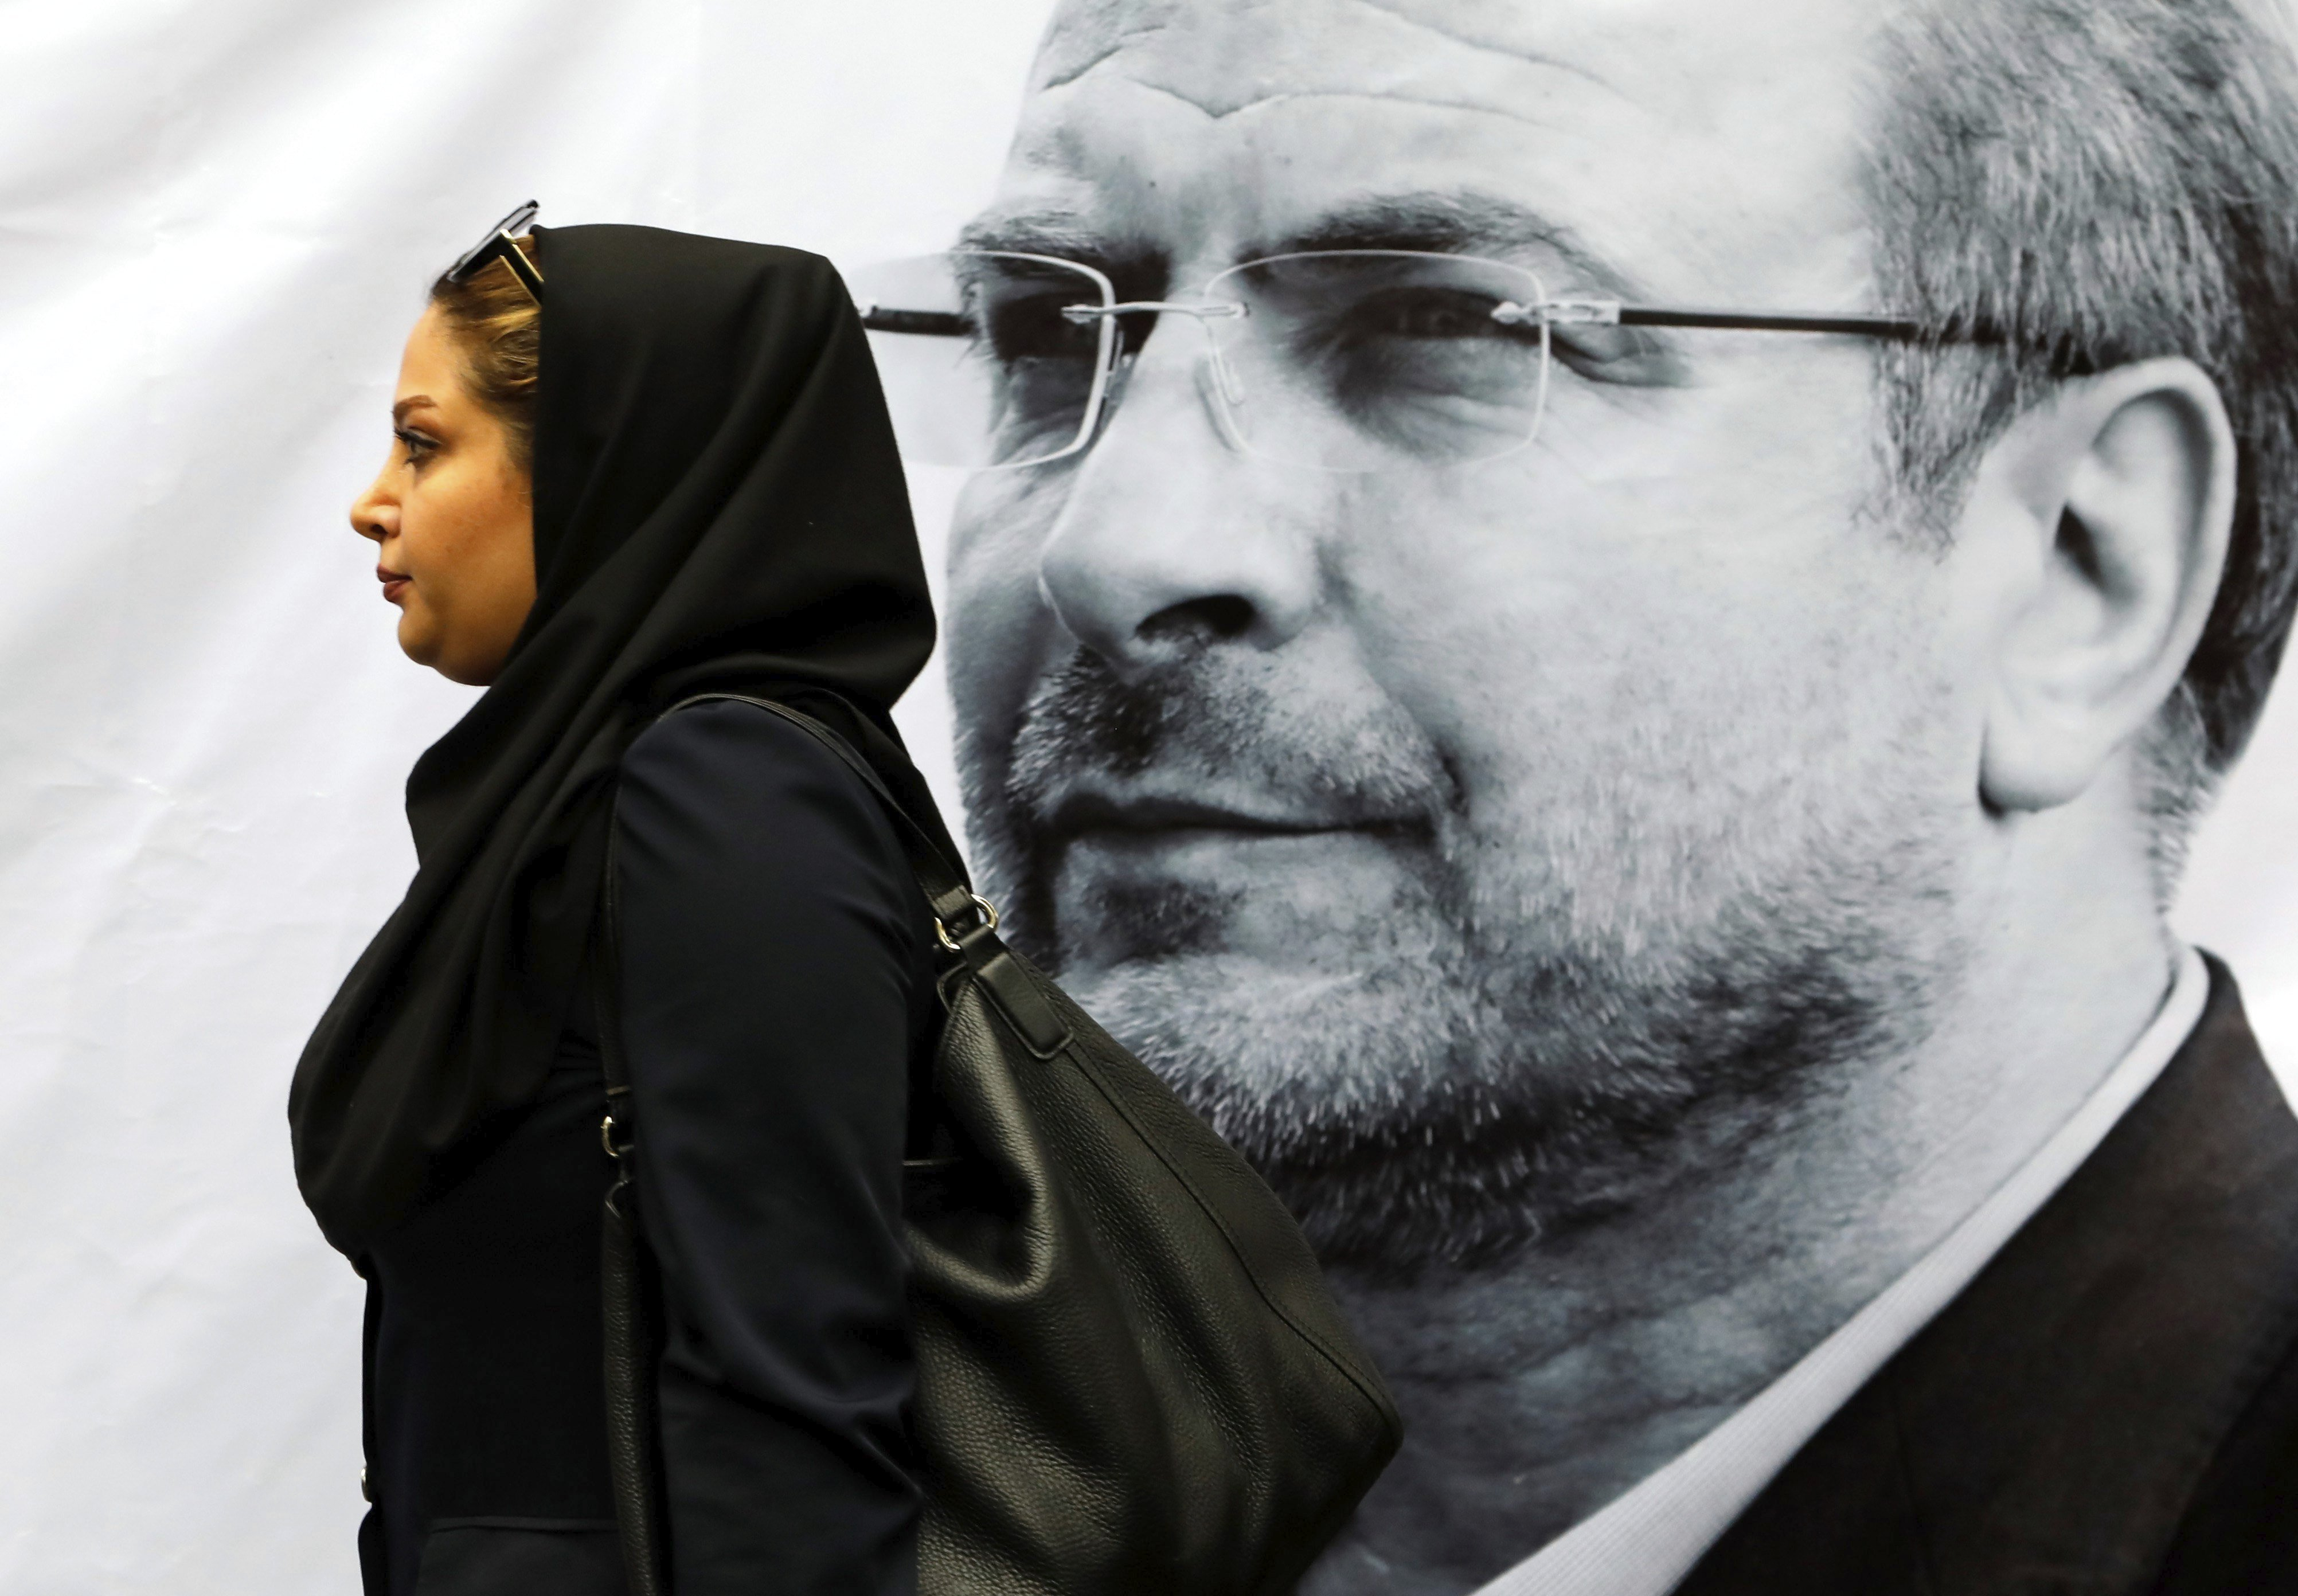 Una simpatitzant del candidat presidencial iranià Mohammad Bagher Ghalibaf assisteix a un míting electoral a Teheran (Iran) avui, 2 de maig de 2017. Les eleccions se celebraran el 19 de maig. / Abedin Taherkenareh